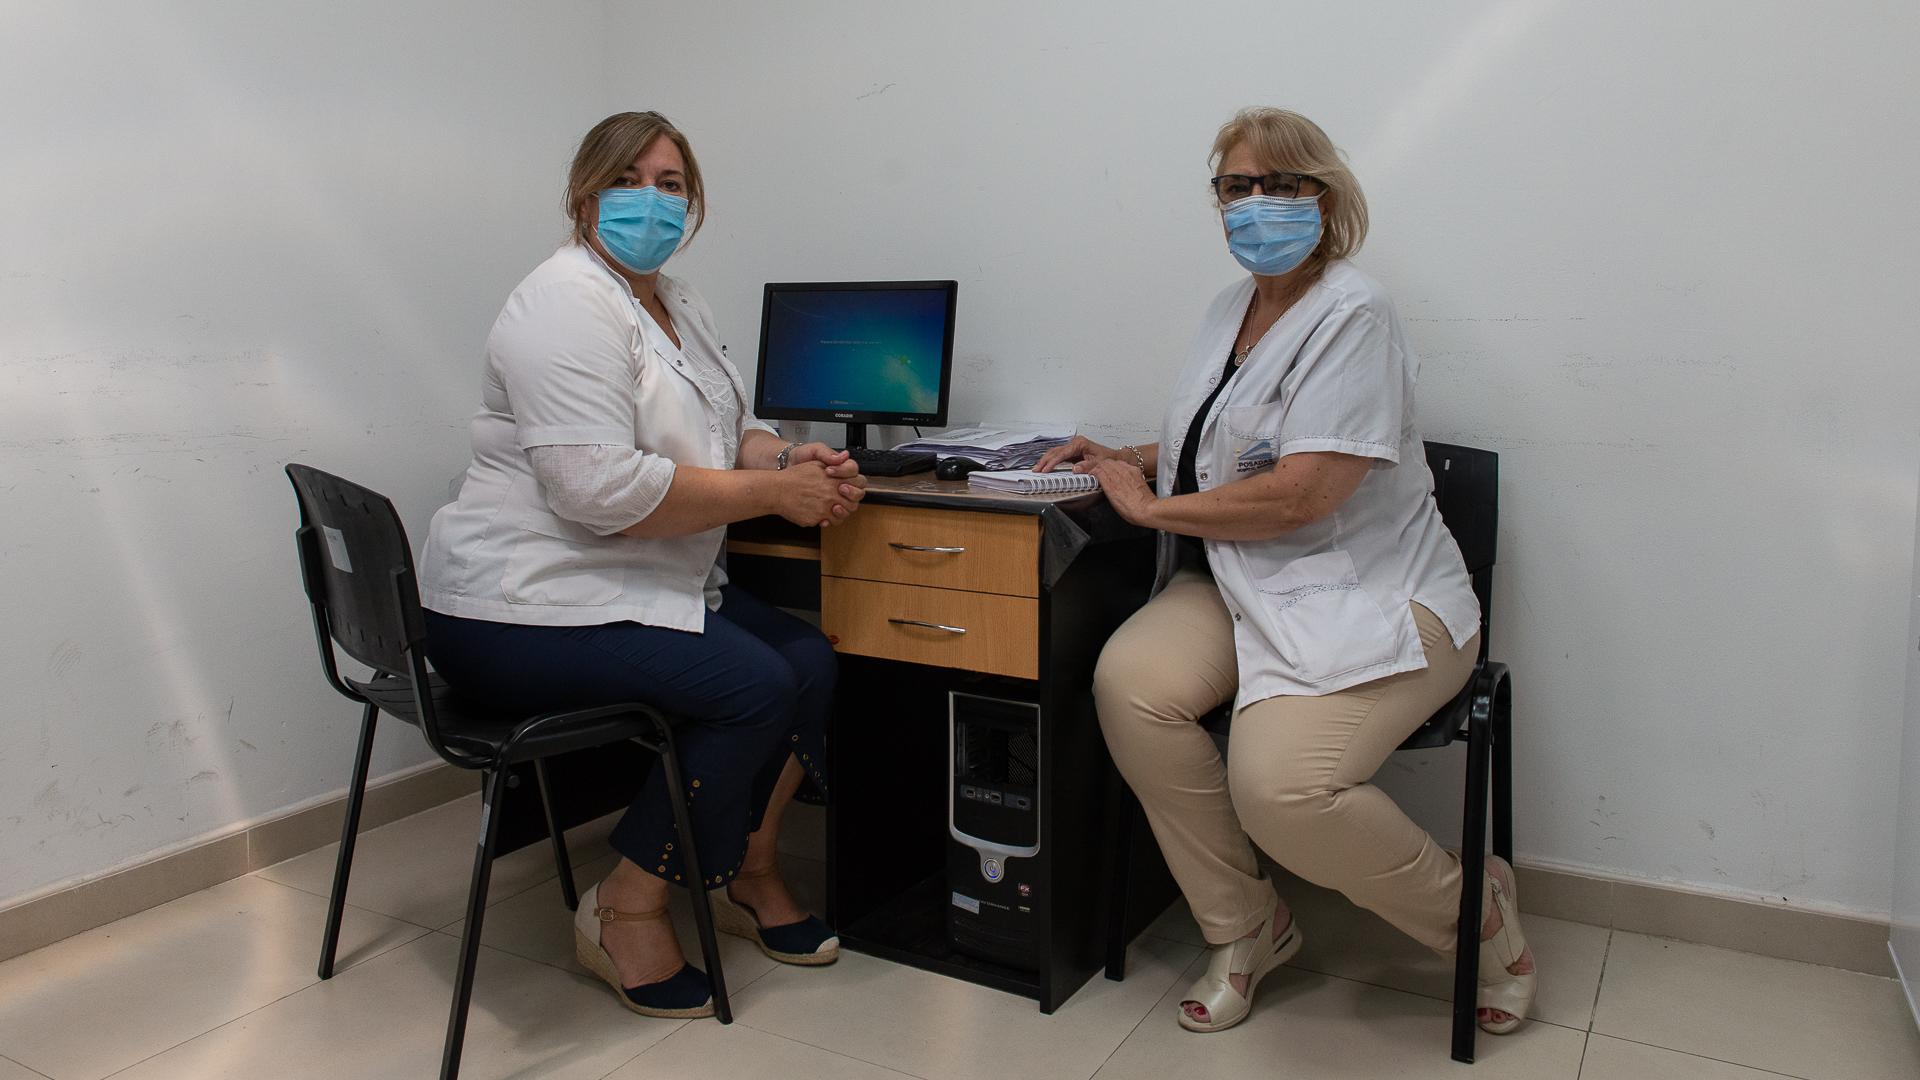 La Dra Graciela Torales, jefa de Coordinación de Pacientes, y la Dra María Elena Borda, Jefa del Servicio de Medicina Preventiva a cargo del Vacunatorio